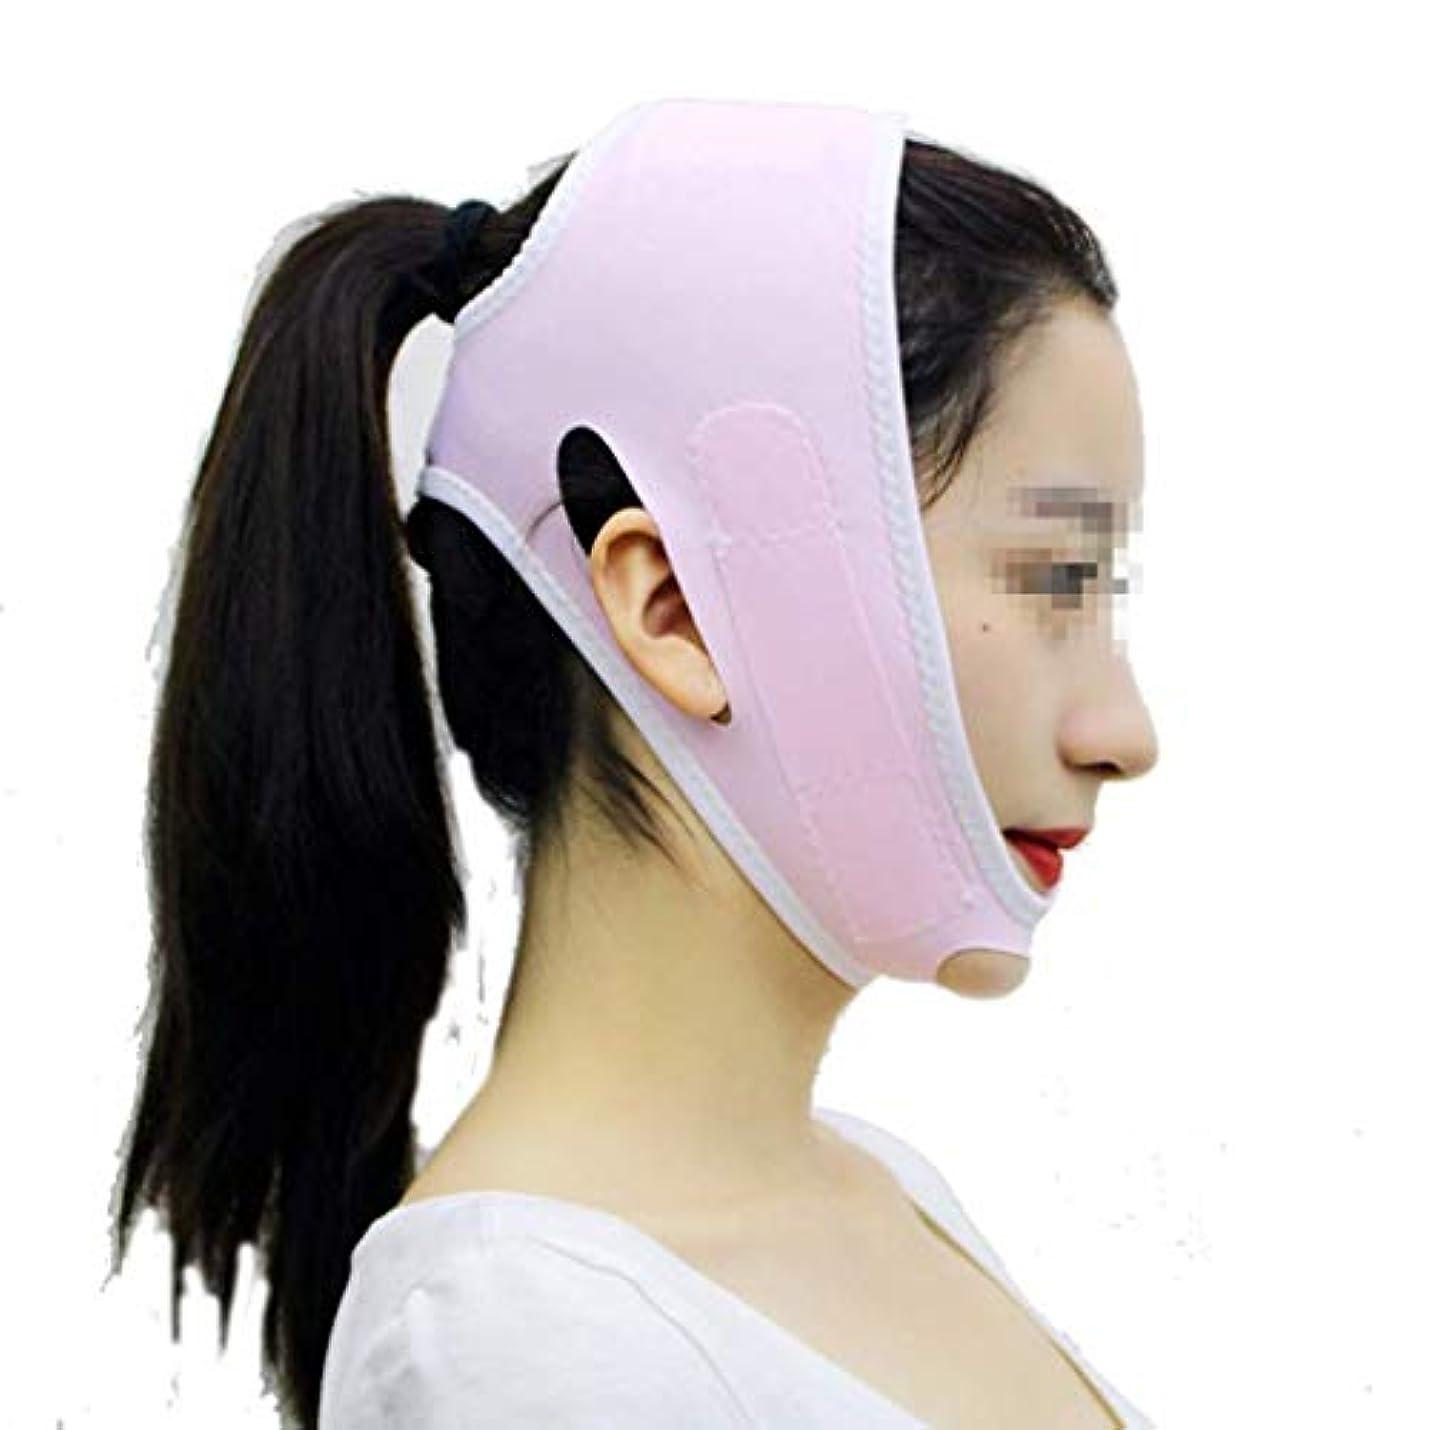 まで放映親愛な美容包帯、Vフェイス睡眠薄いフェイスマスクライン彫刻回復フードリフティング引き締めフェイスダブルチンマスクマルチカラーオプション(カラー:ピンク),ピンク